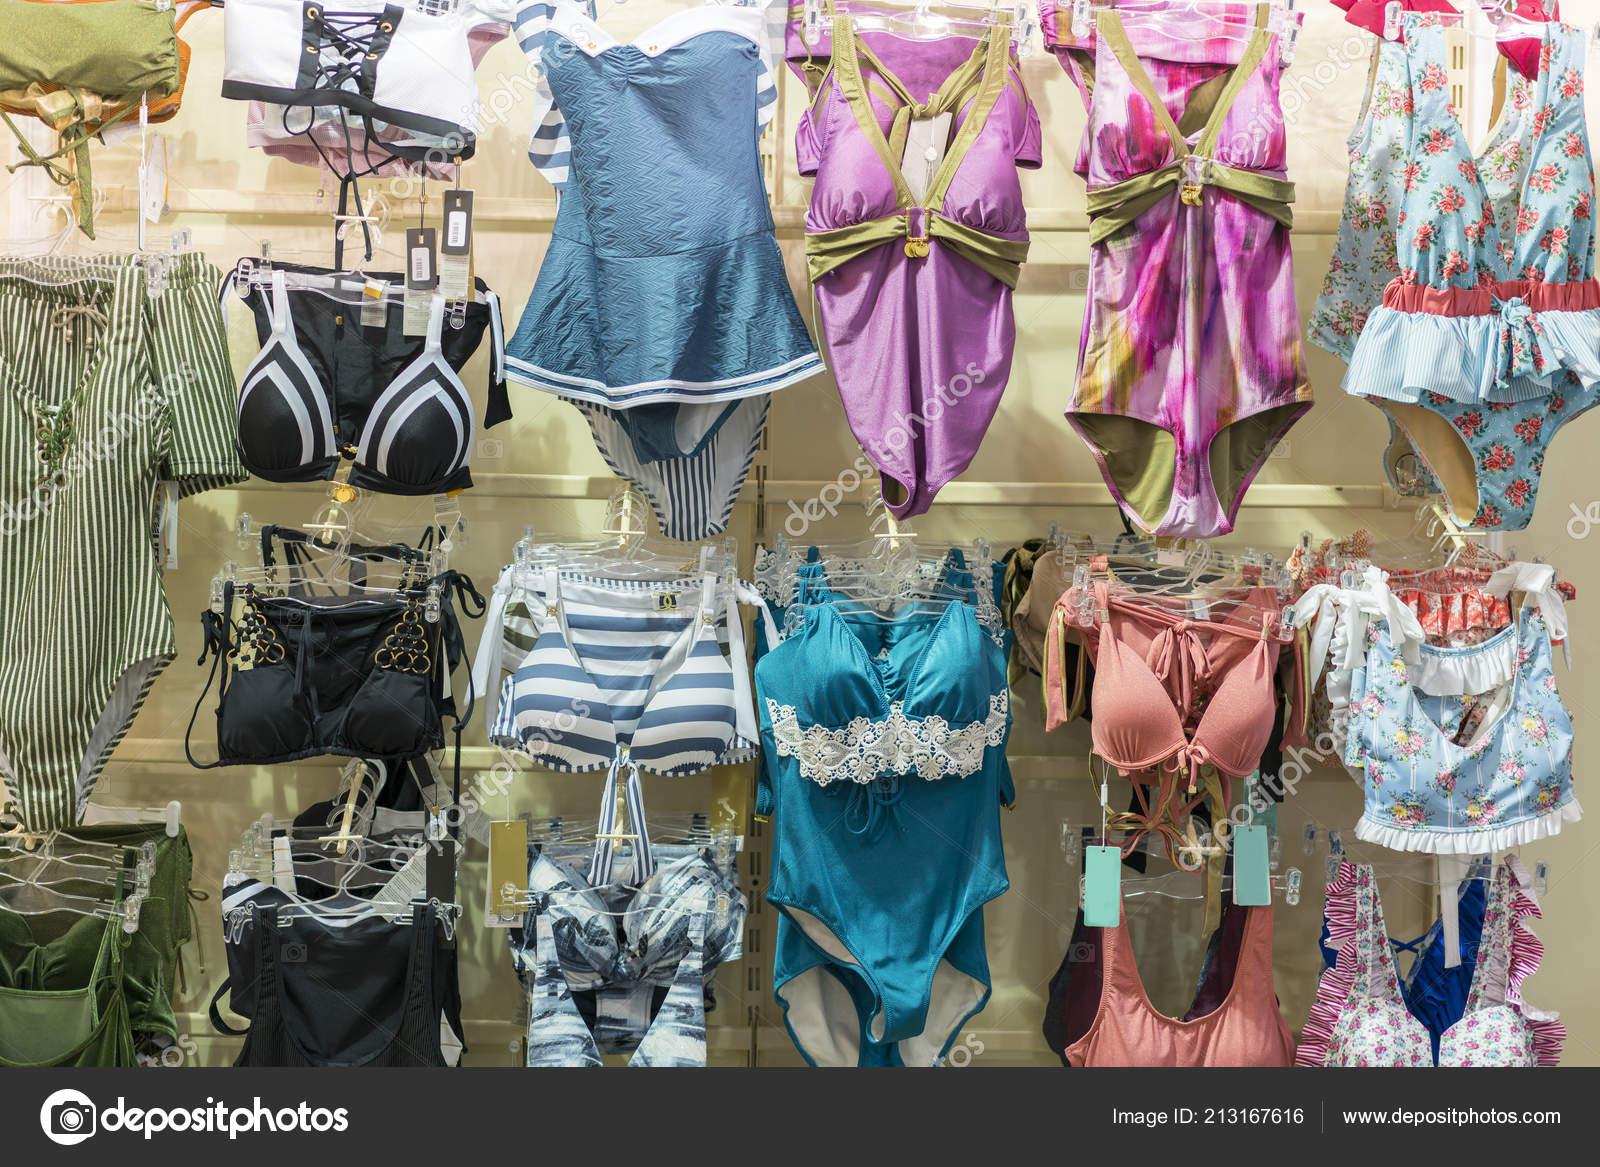 b65ec8e5c97adc Sous Vêtements Femme Lingerie Sur Grille Boutique Magasin Maillots ...